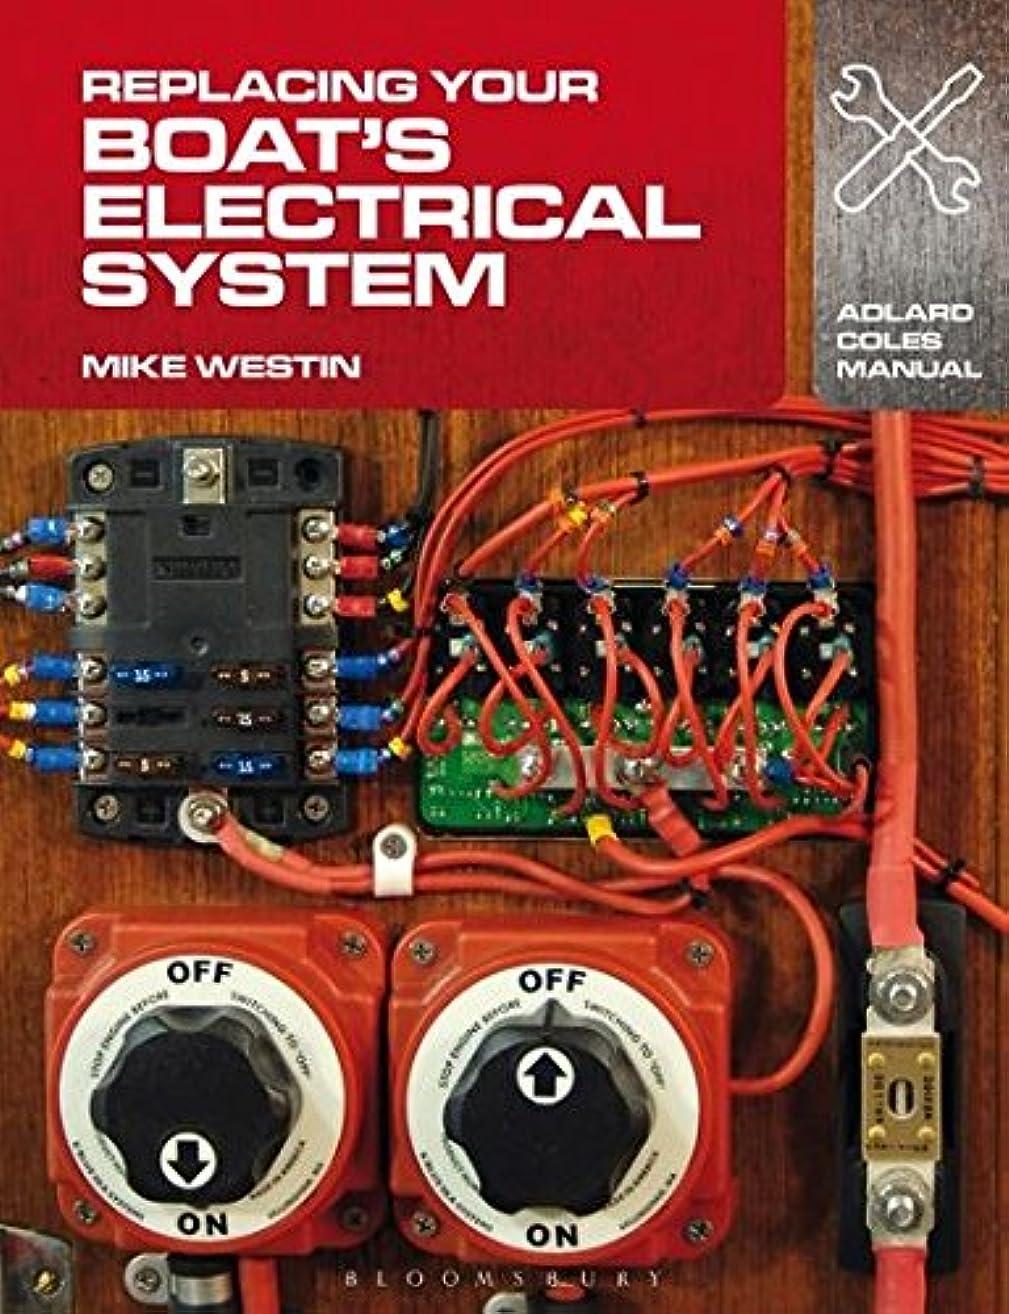 飲料欠点病んでいるReplacing Your Boat's Electrical System (Adlard Coles Manual)